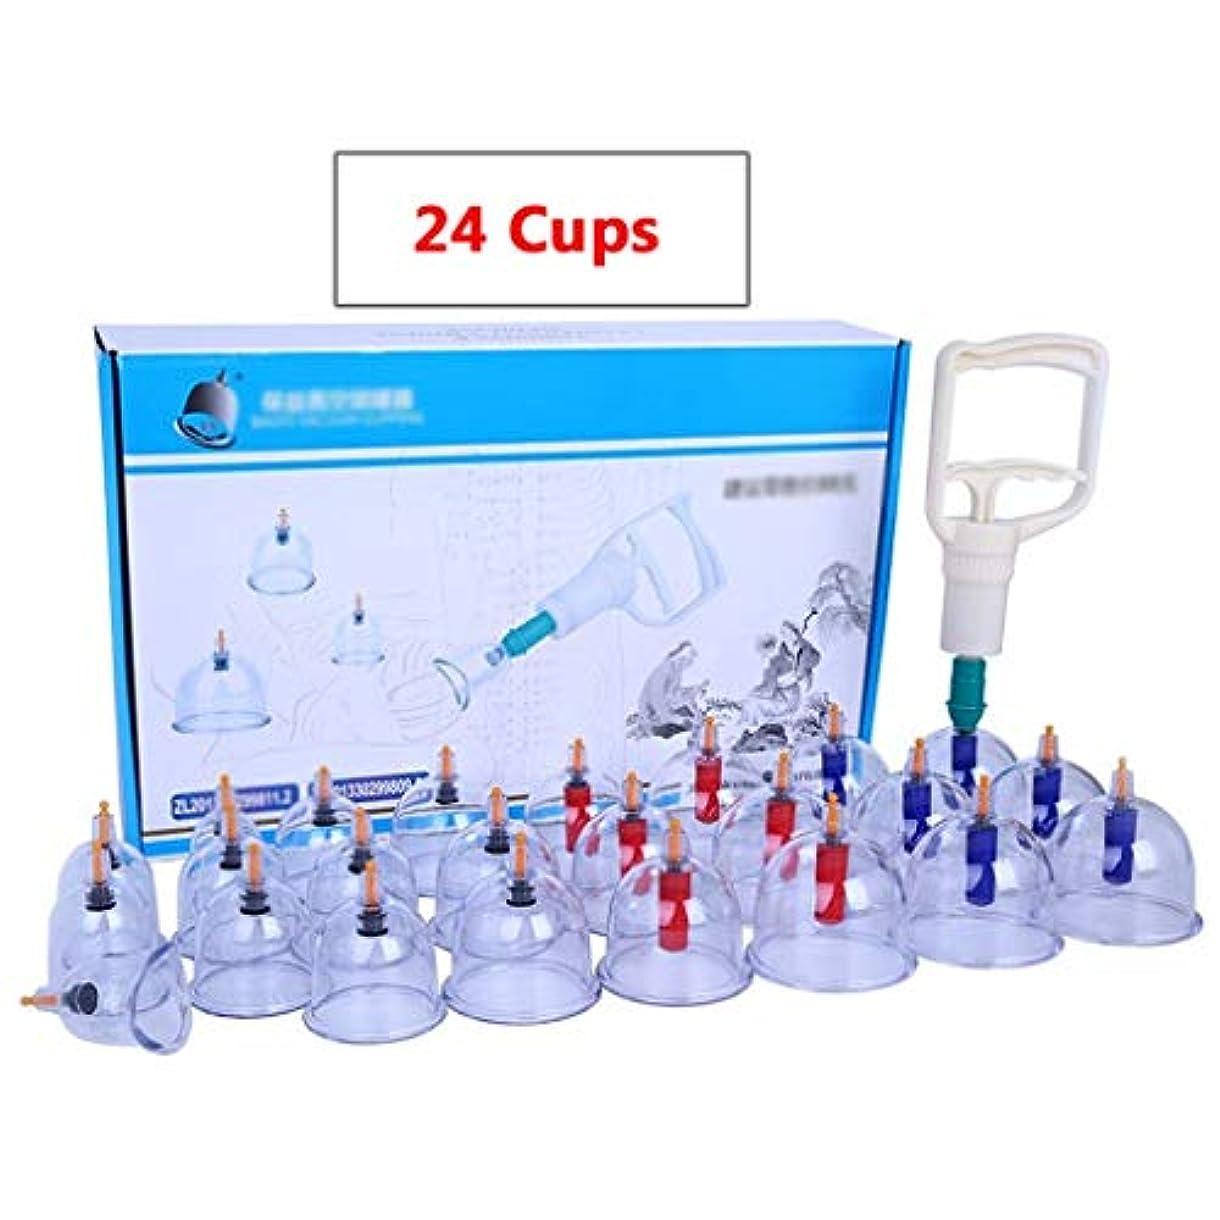 キャスト哲学多様性真空カッピングキット、24カップ、ホームサクションカッピングセラピー、手動透明カッピング、中華カッピング (色 : 24 Cups)